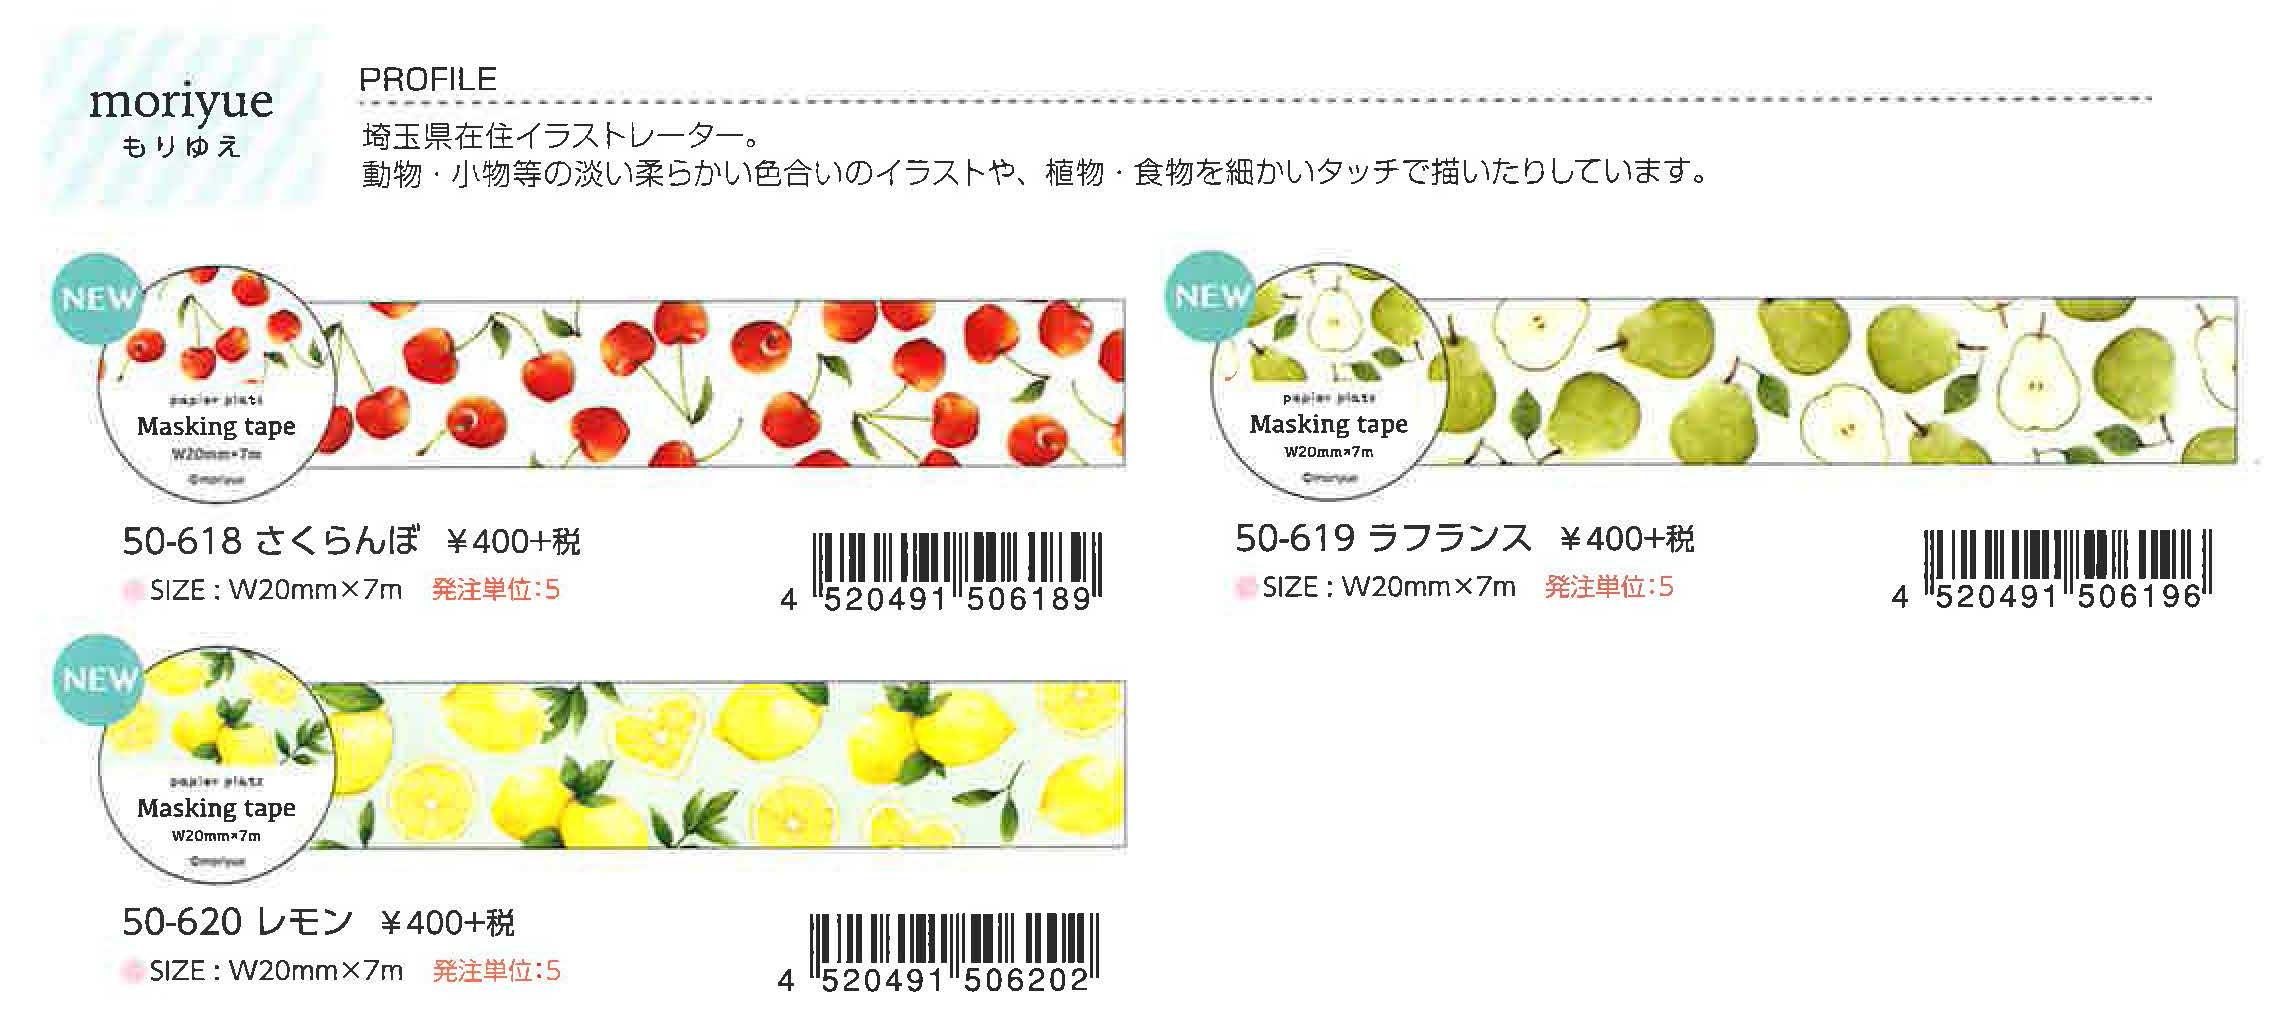 パピアプラッツ【Papier Platz】デザイナーズ マスキングテープ moriyue(もりゆえ)3種 2019_7_26発売